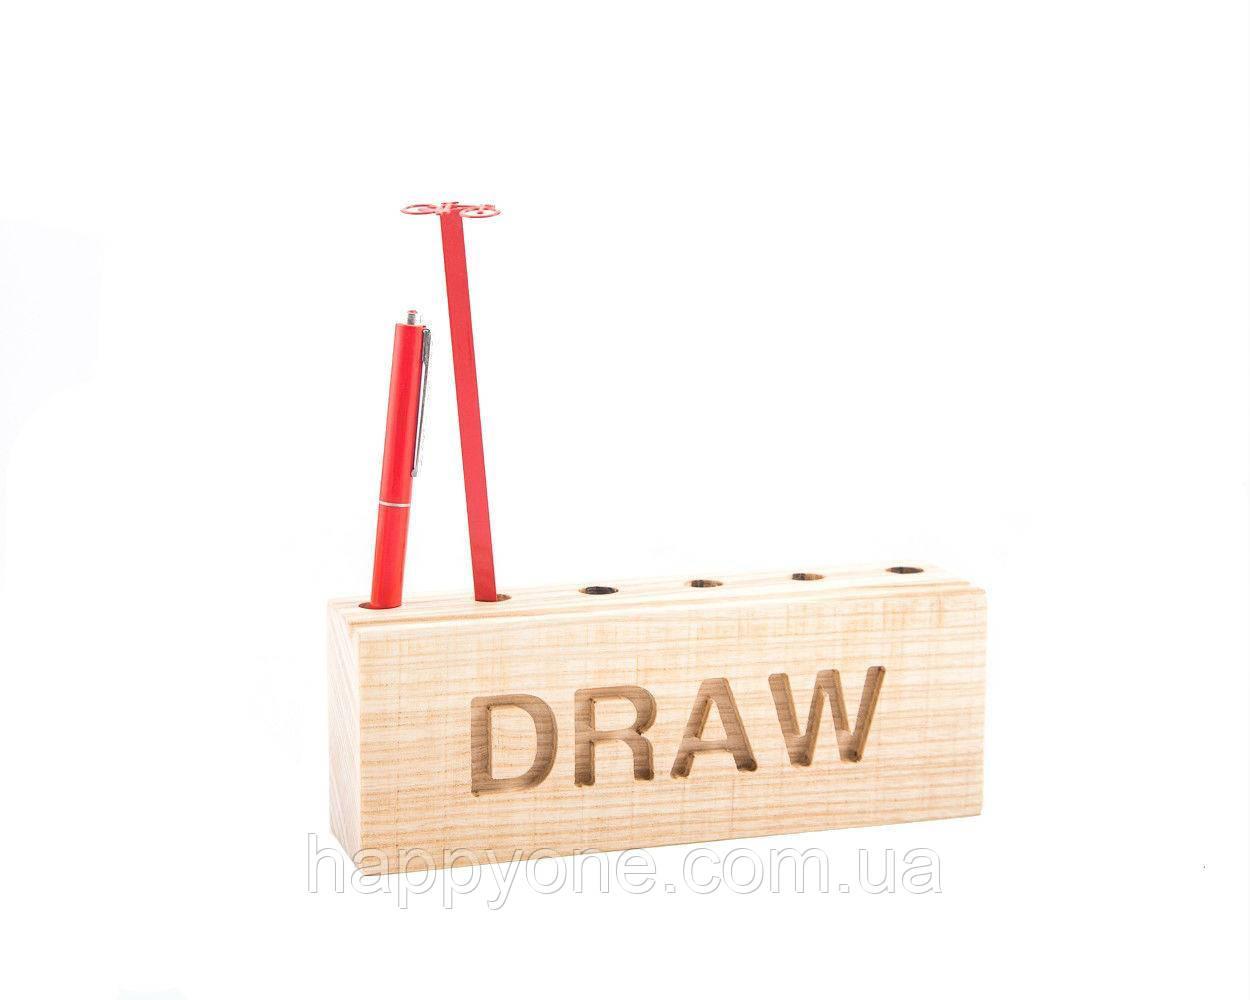 Органайзер Draw